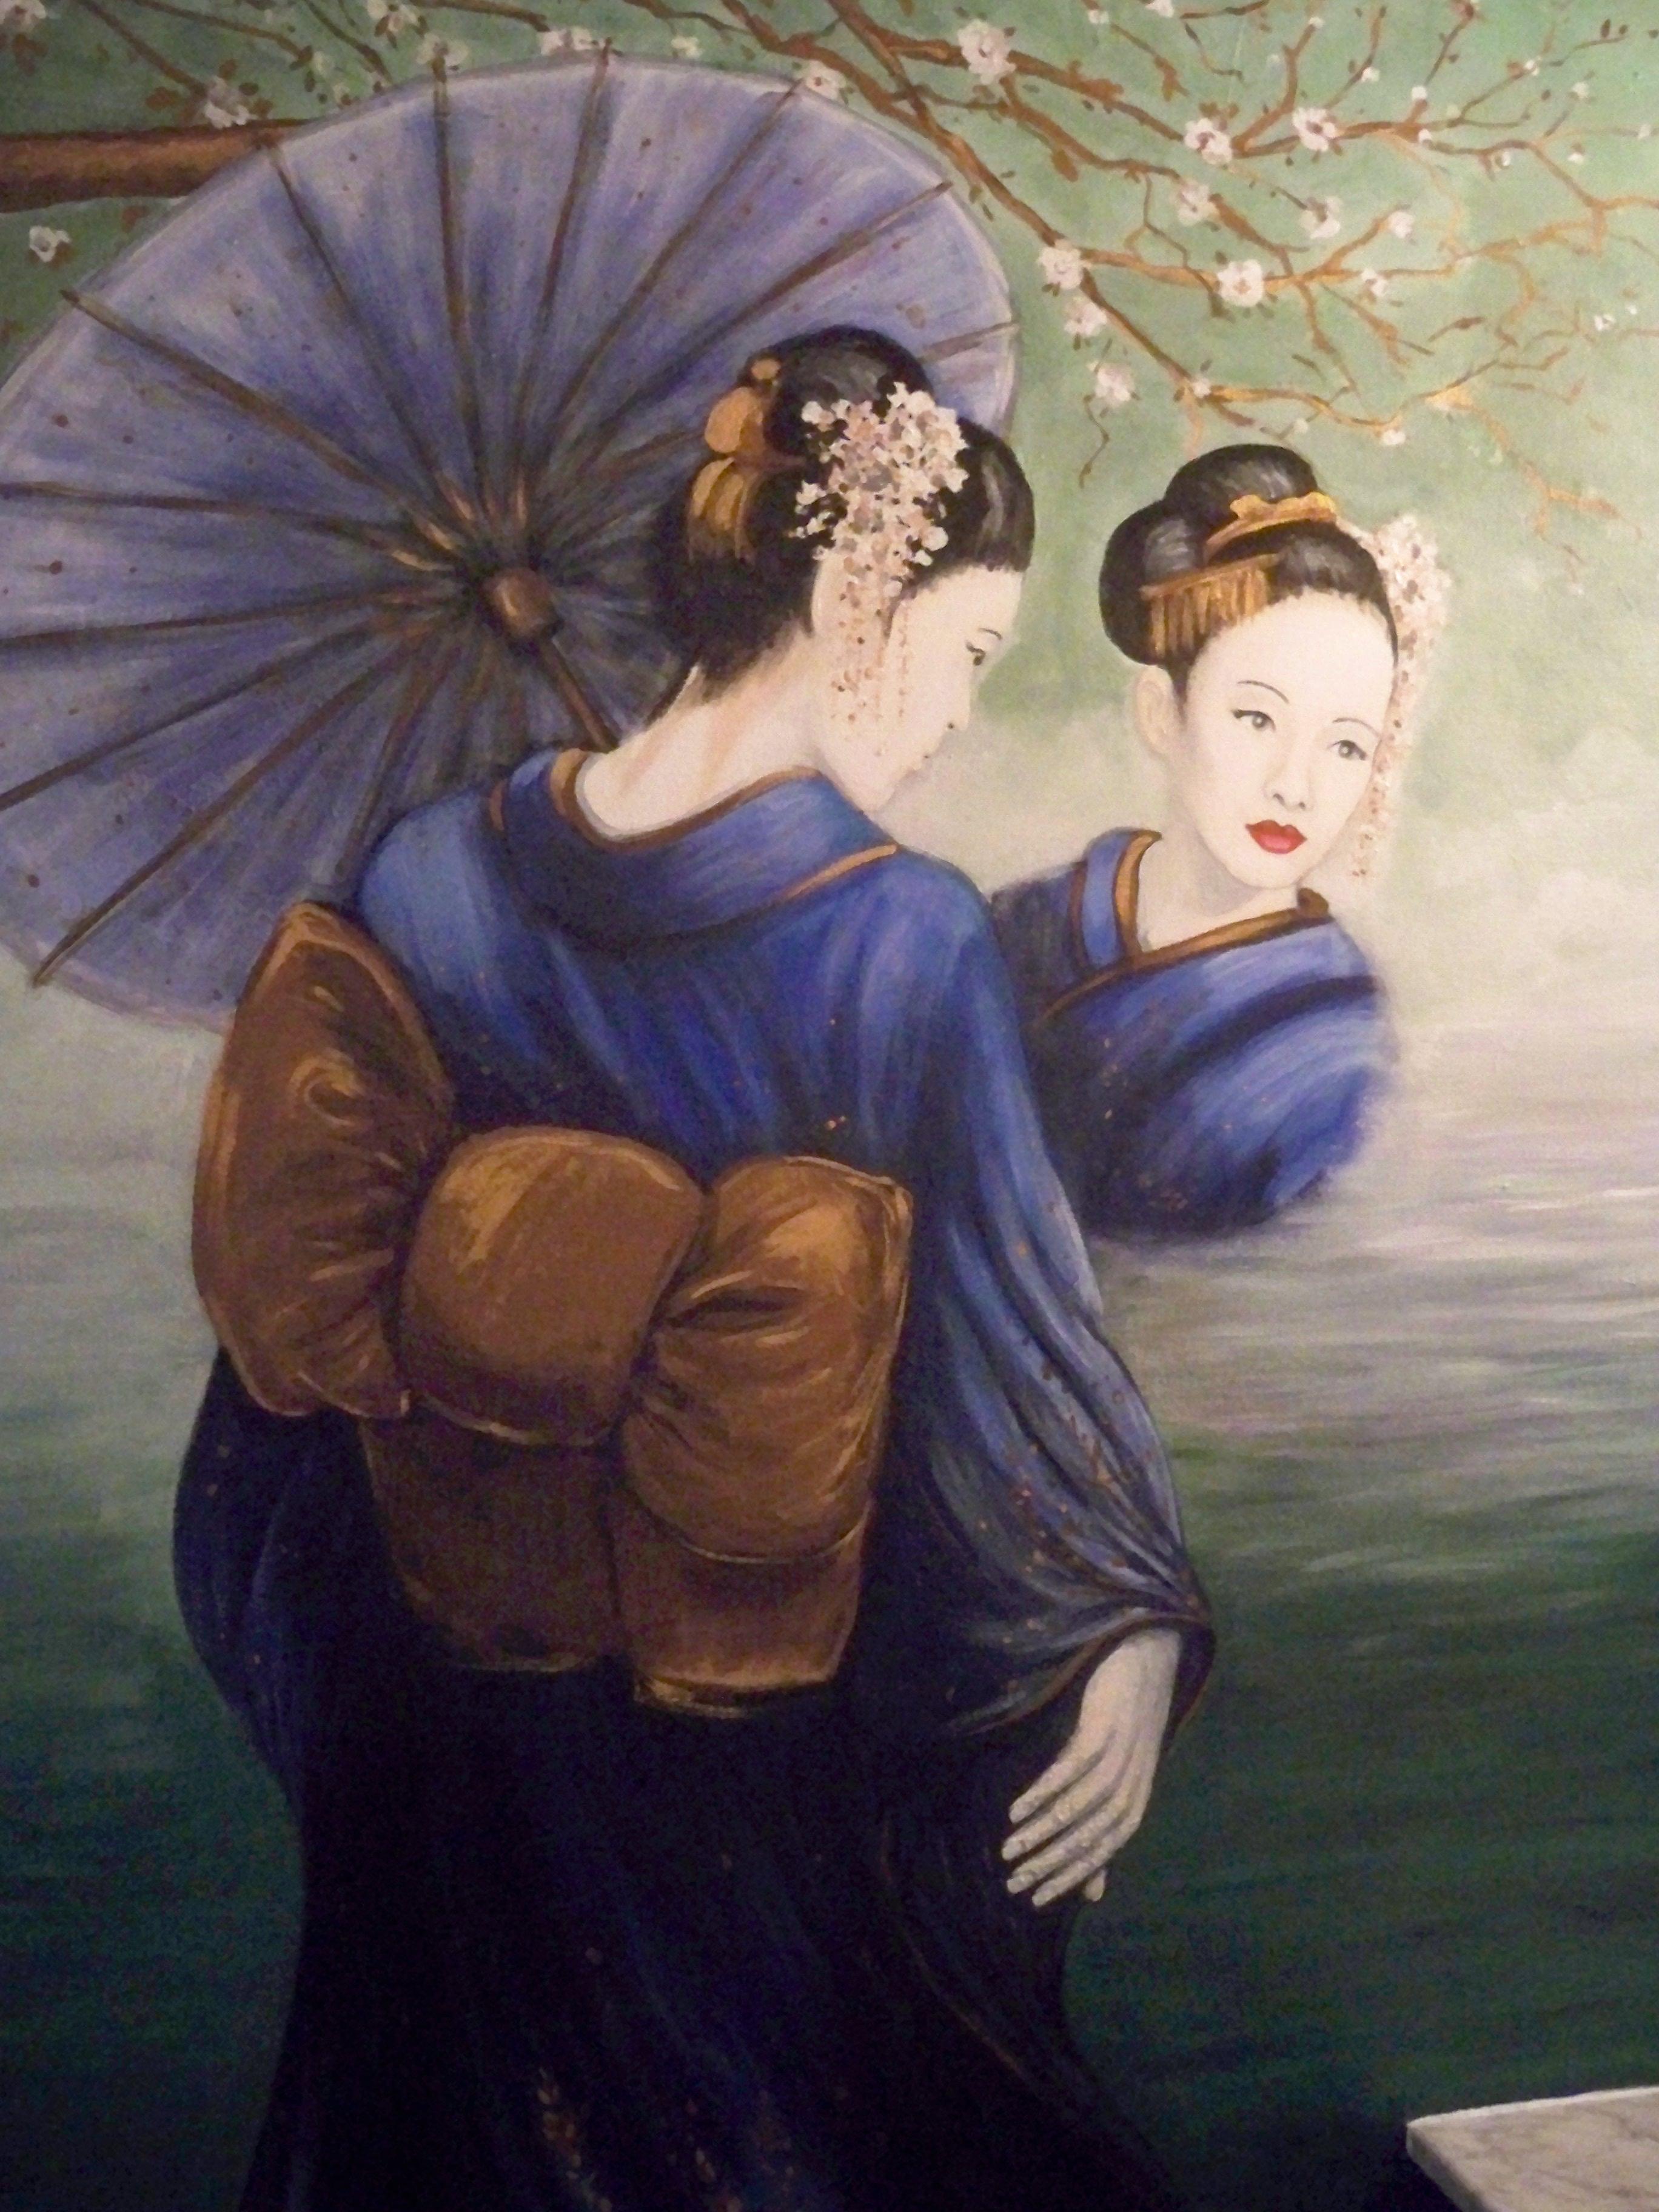 Murals By Marg Geshia Mural 5.JPG